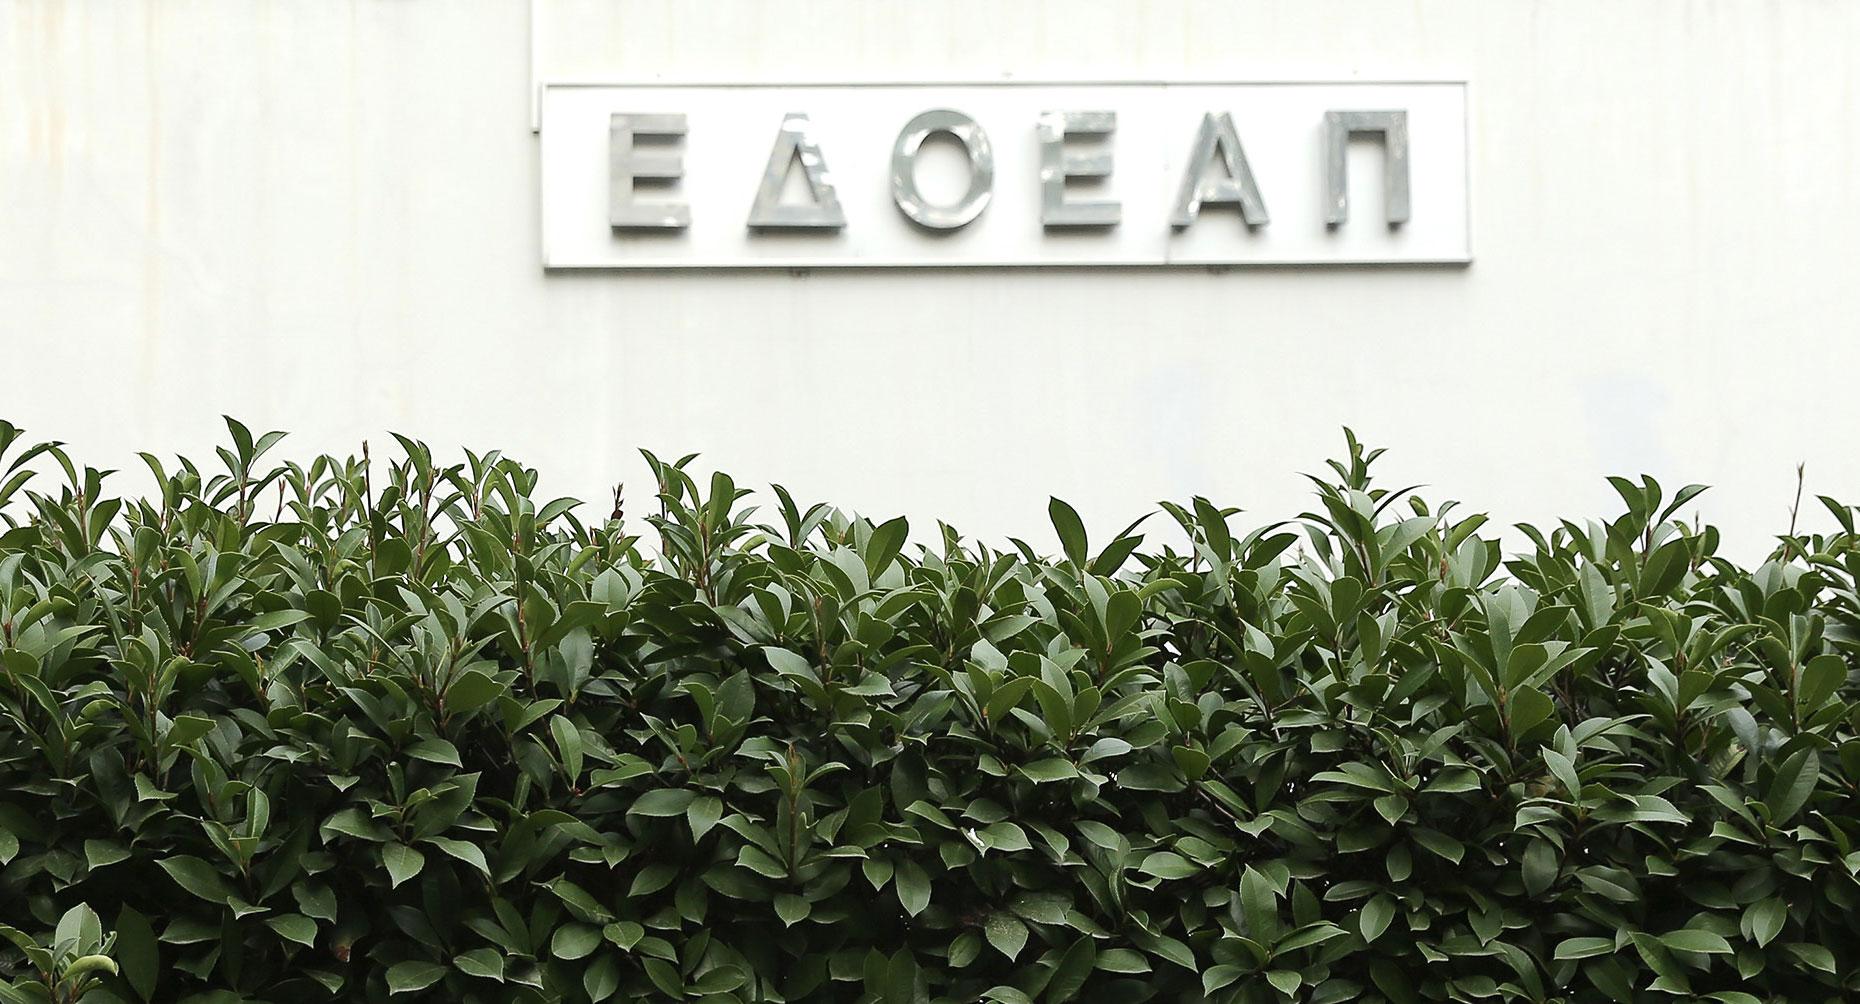 Το ΣτΕ απέρριψε τις προσφυγές των εργοδοτών κατά του ΕΔΟΕΑΠ